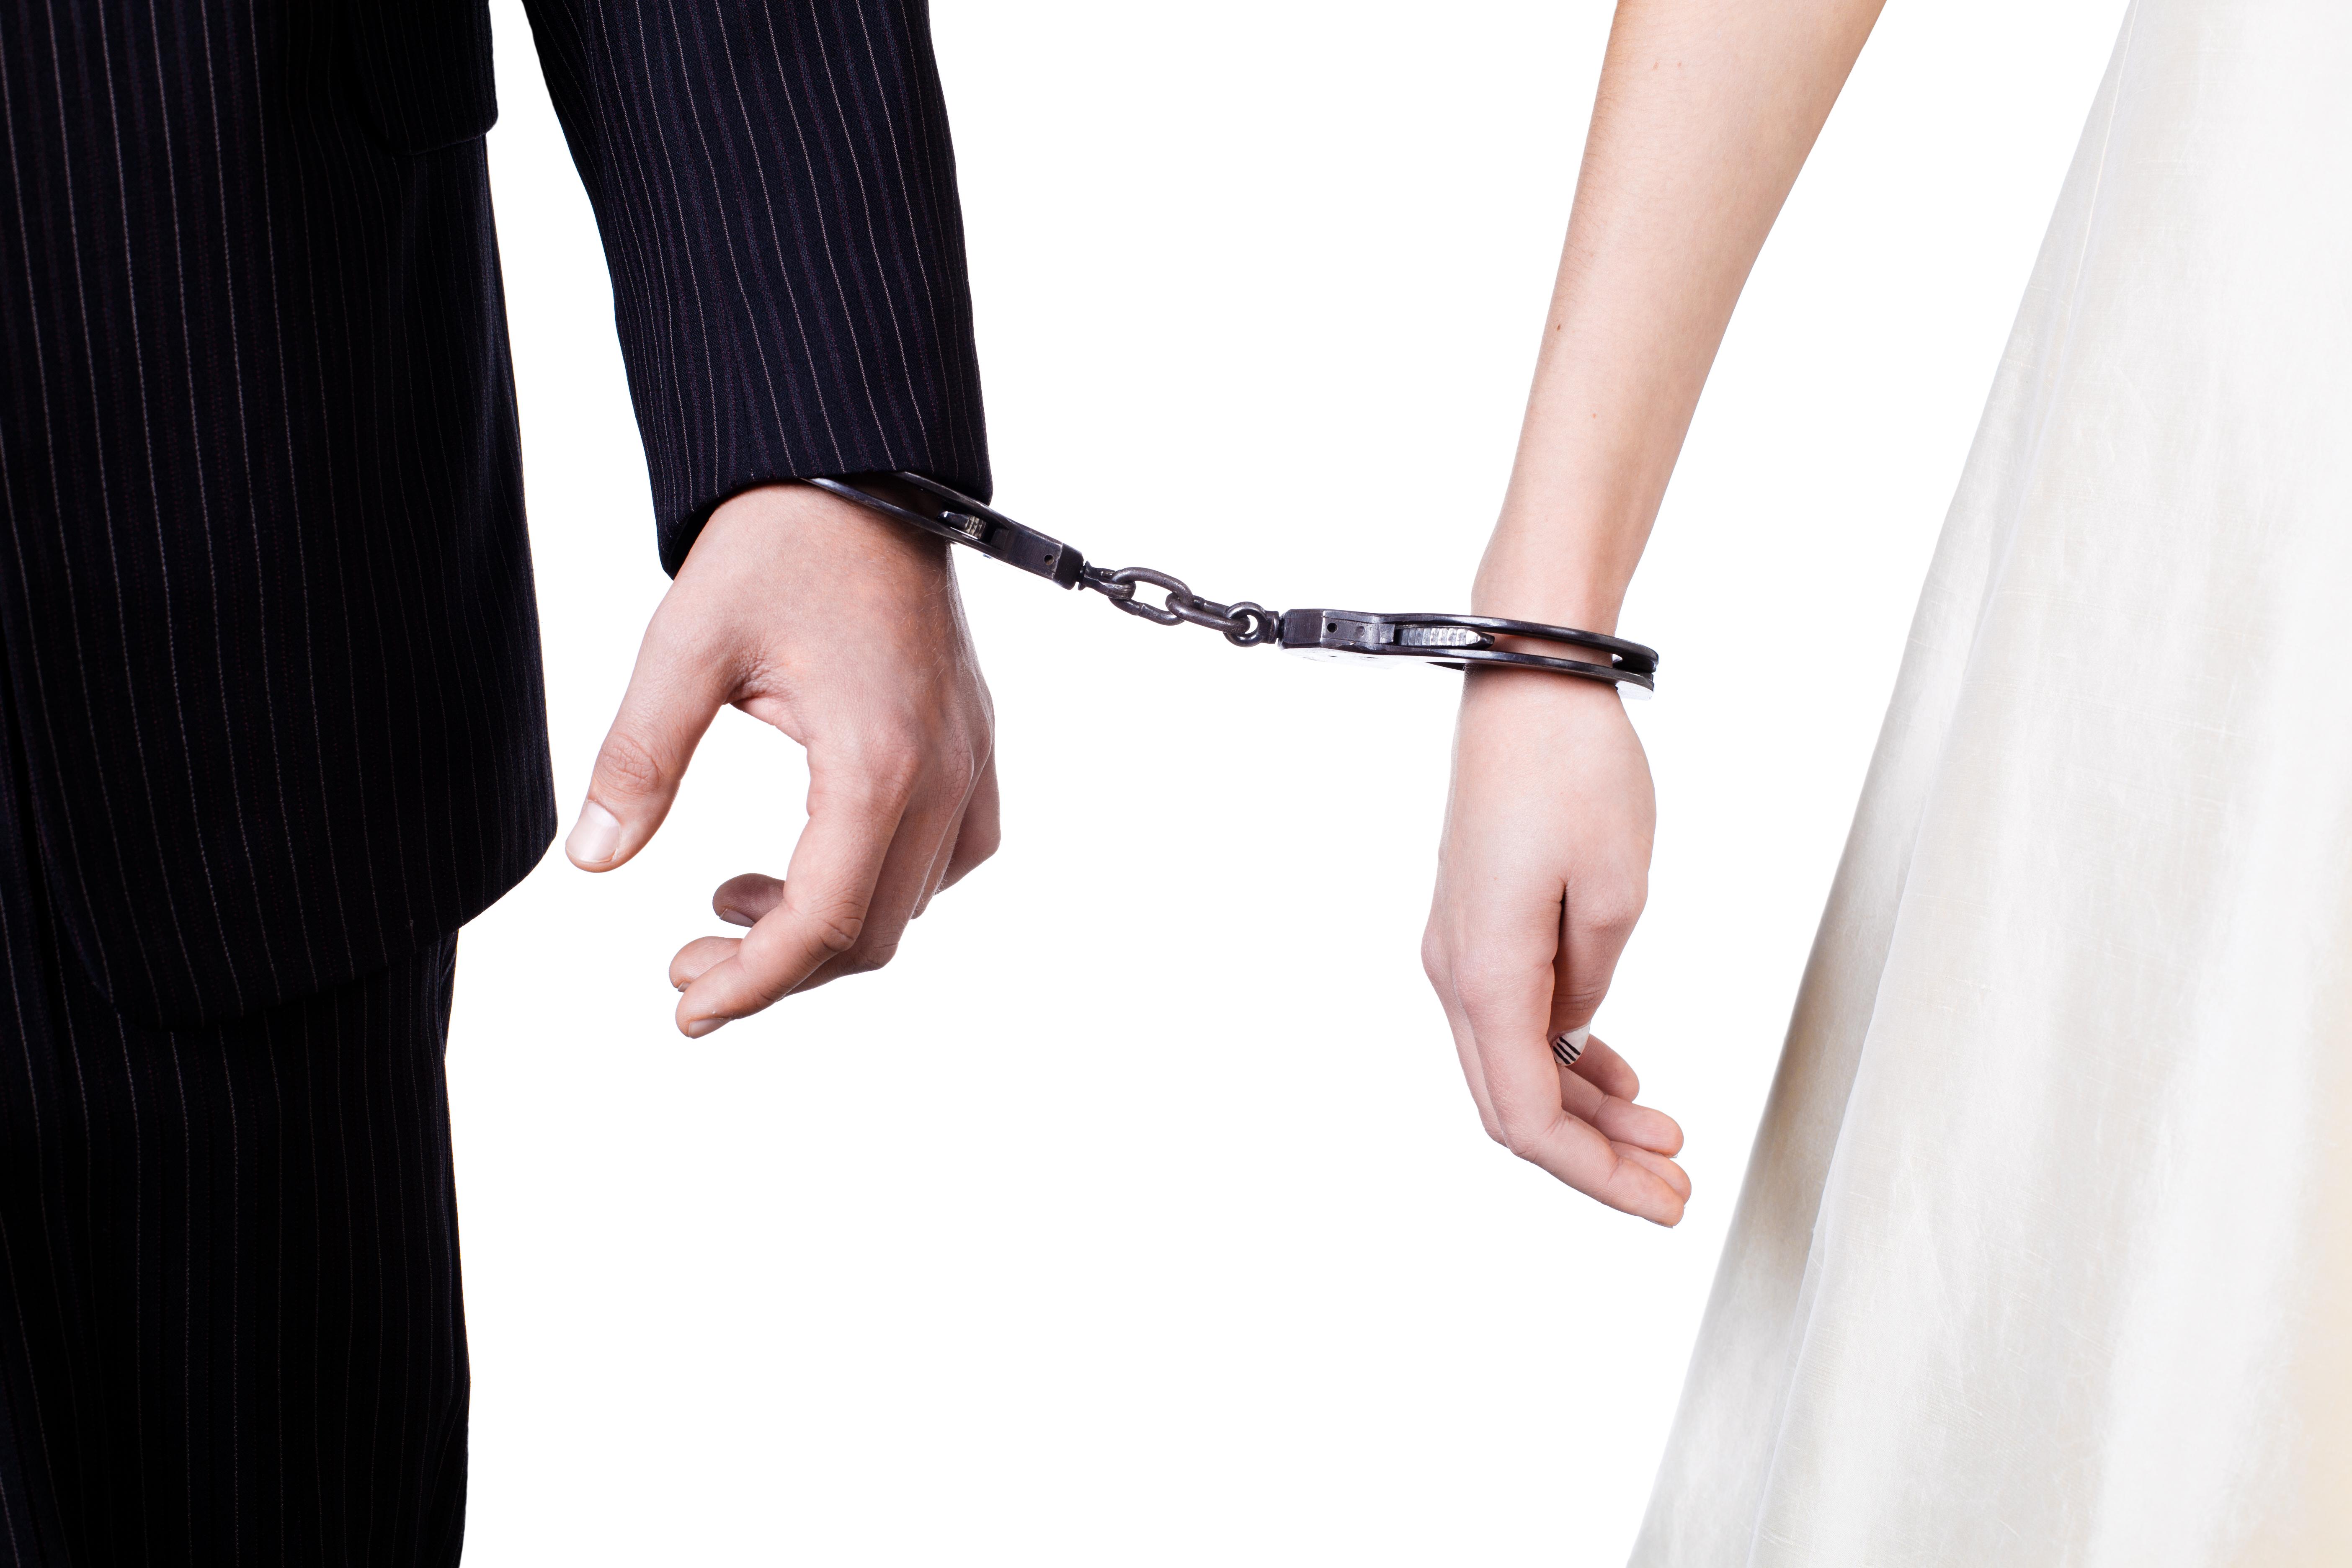 זה מה שחתונה באמת מסמלת. אתם בטוחים שאתם רוצים את זה? (צילום: שאטרסטוק)